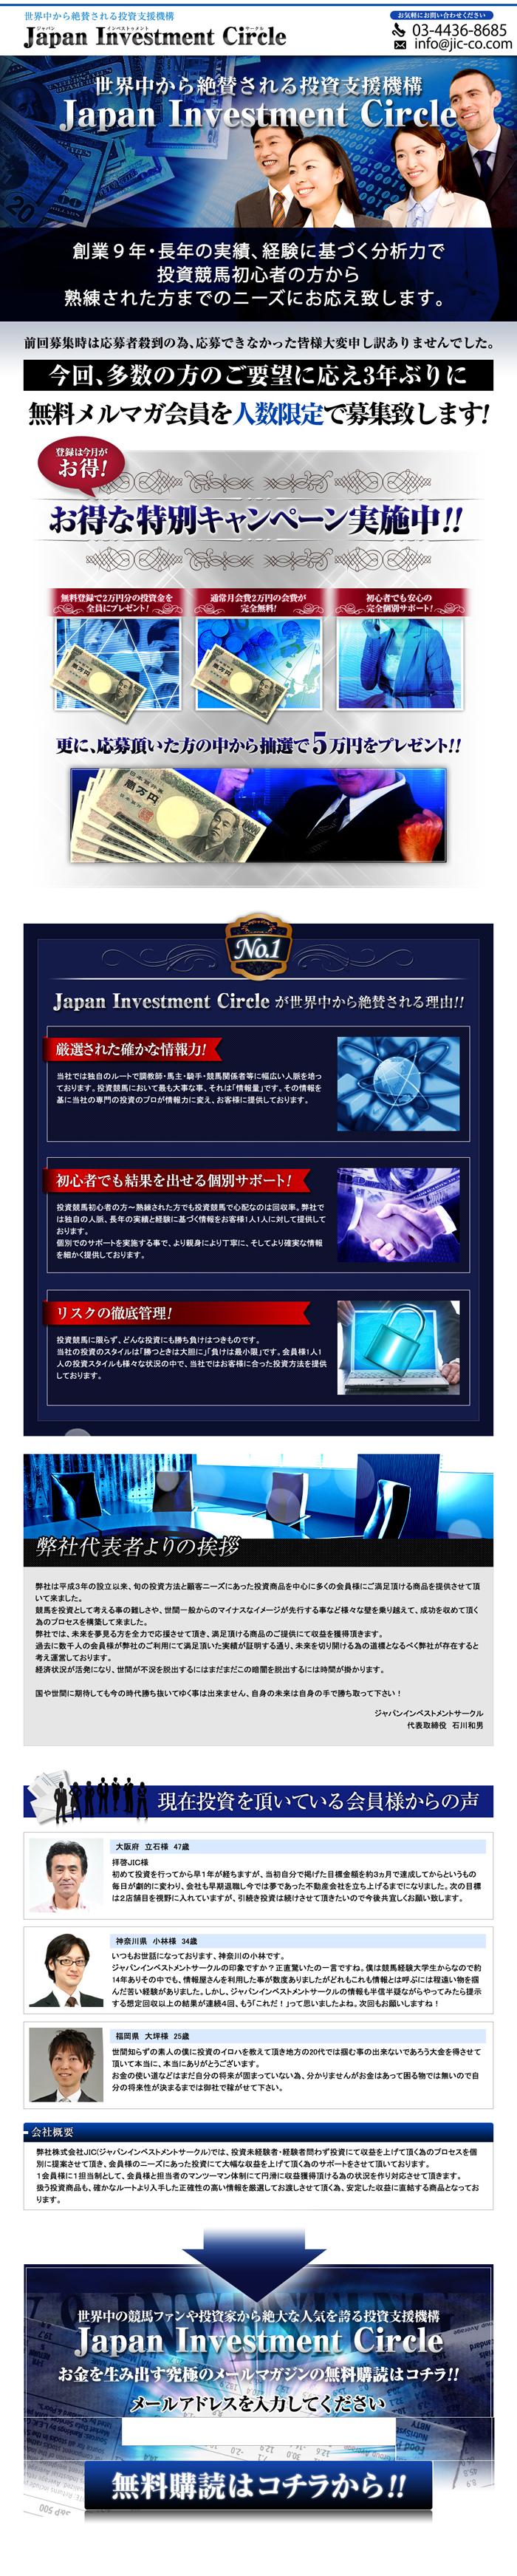 ジャパンインベストメントサークル(JIC)